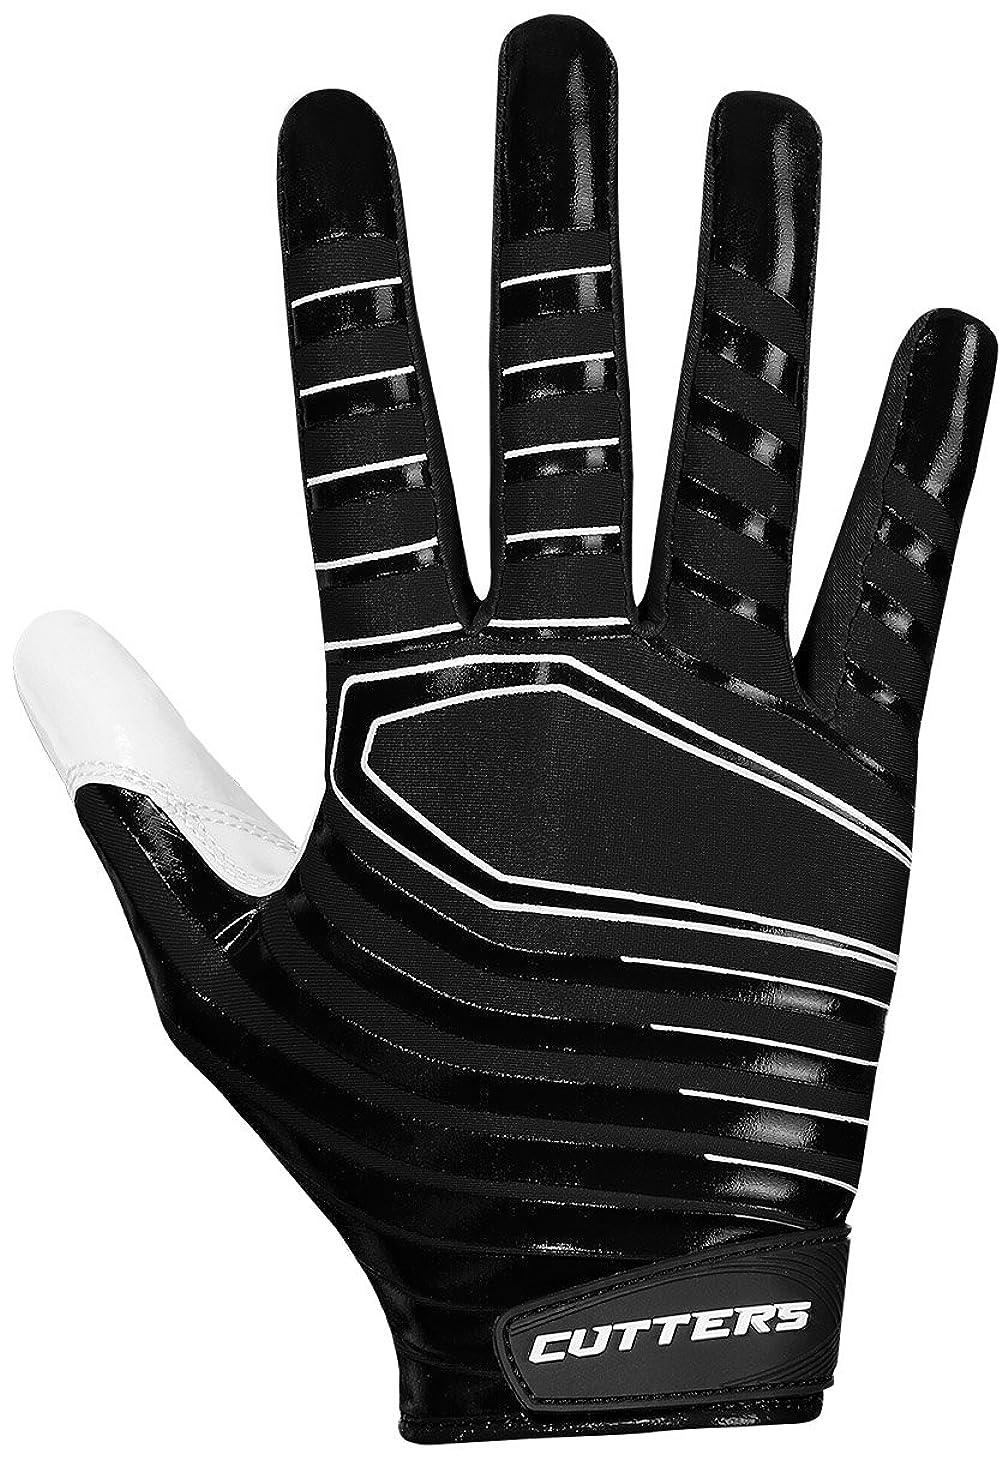 寄稿者喜劇広告主Cutters アメリカンフットボール用手袋 ベストなグリップのフットボールグローブ 軽量で柔らか ユース&大人サイズ 1ペア ADULT: X-Large